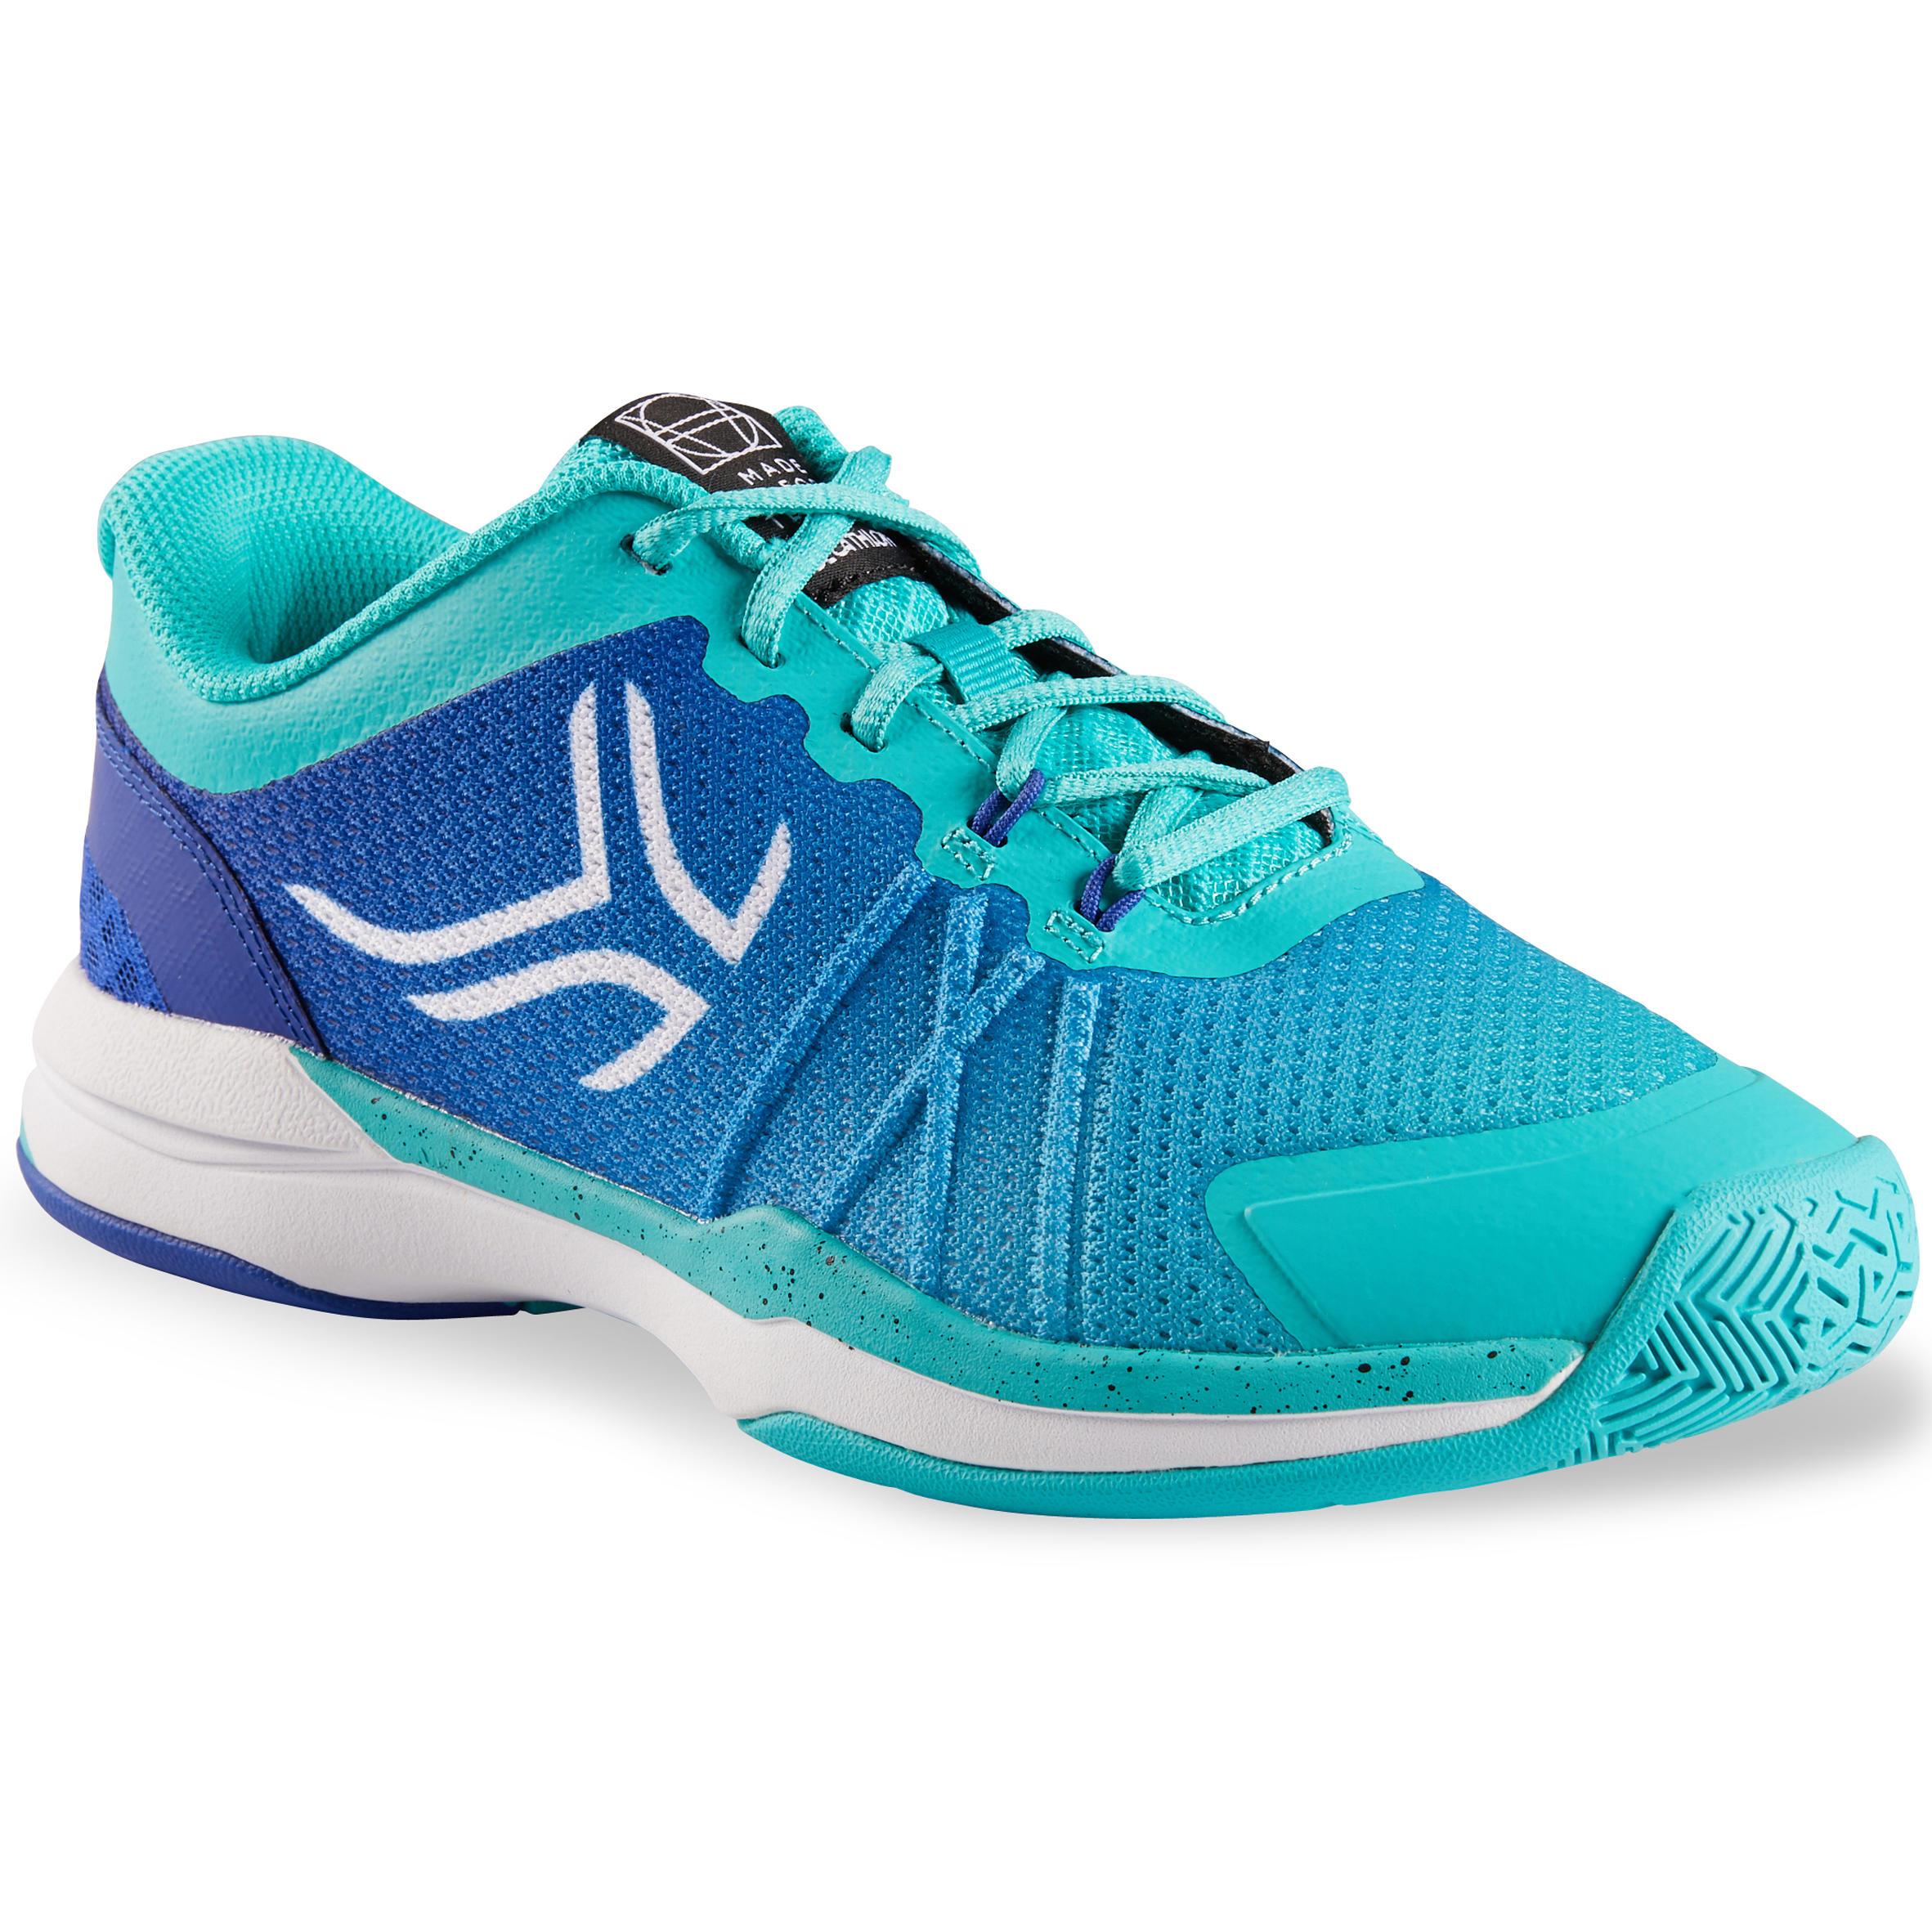 Chaussures de tennis femme ts590 turquoise artengo